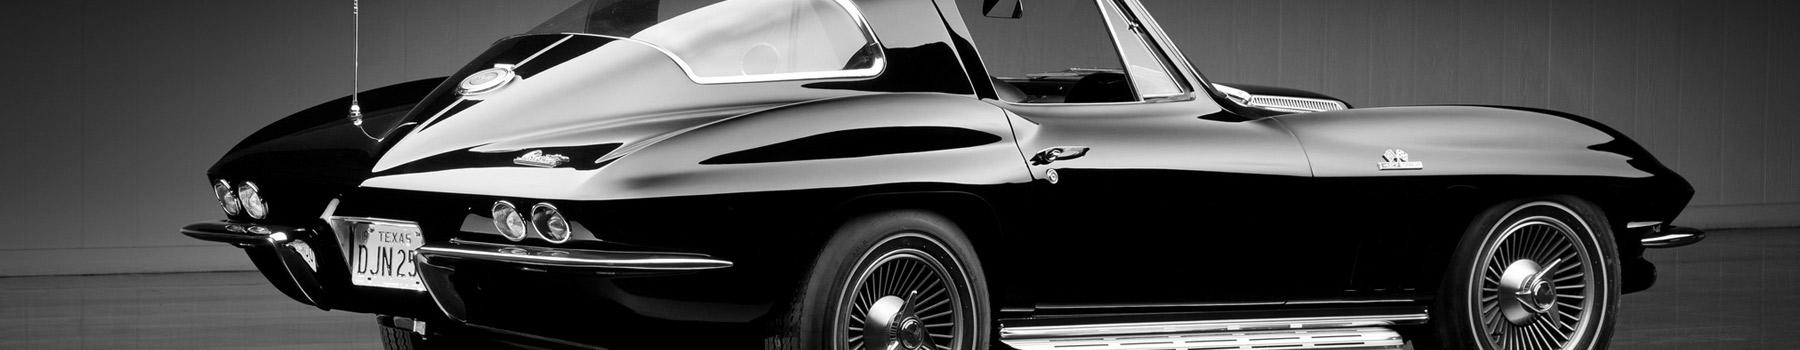 c2 corvette 1963-1967